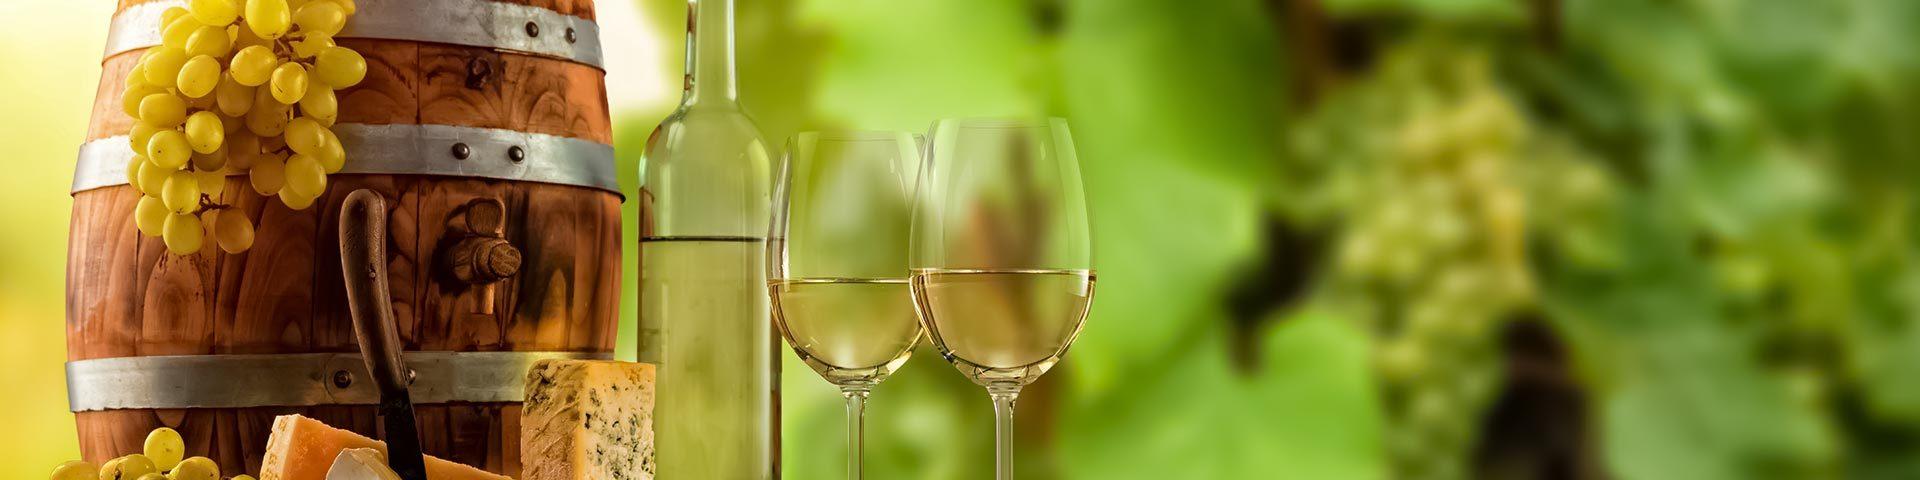 Wine Culture in Moravia / Czechia